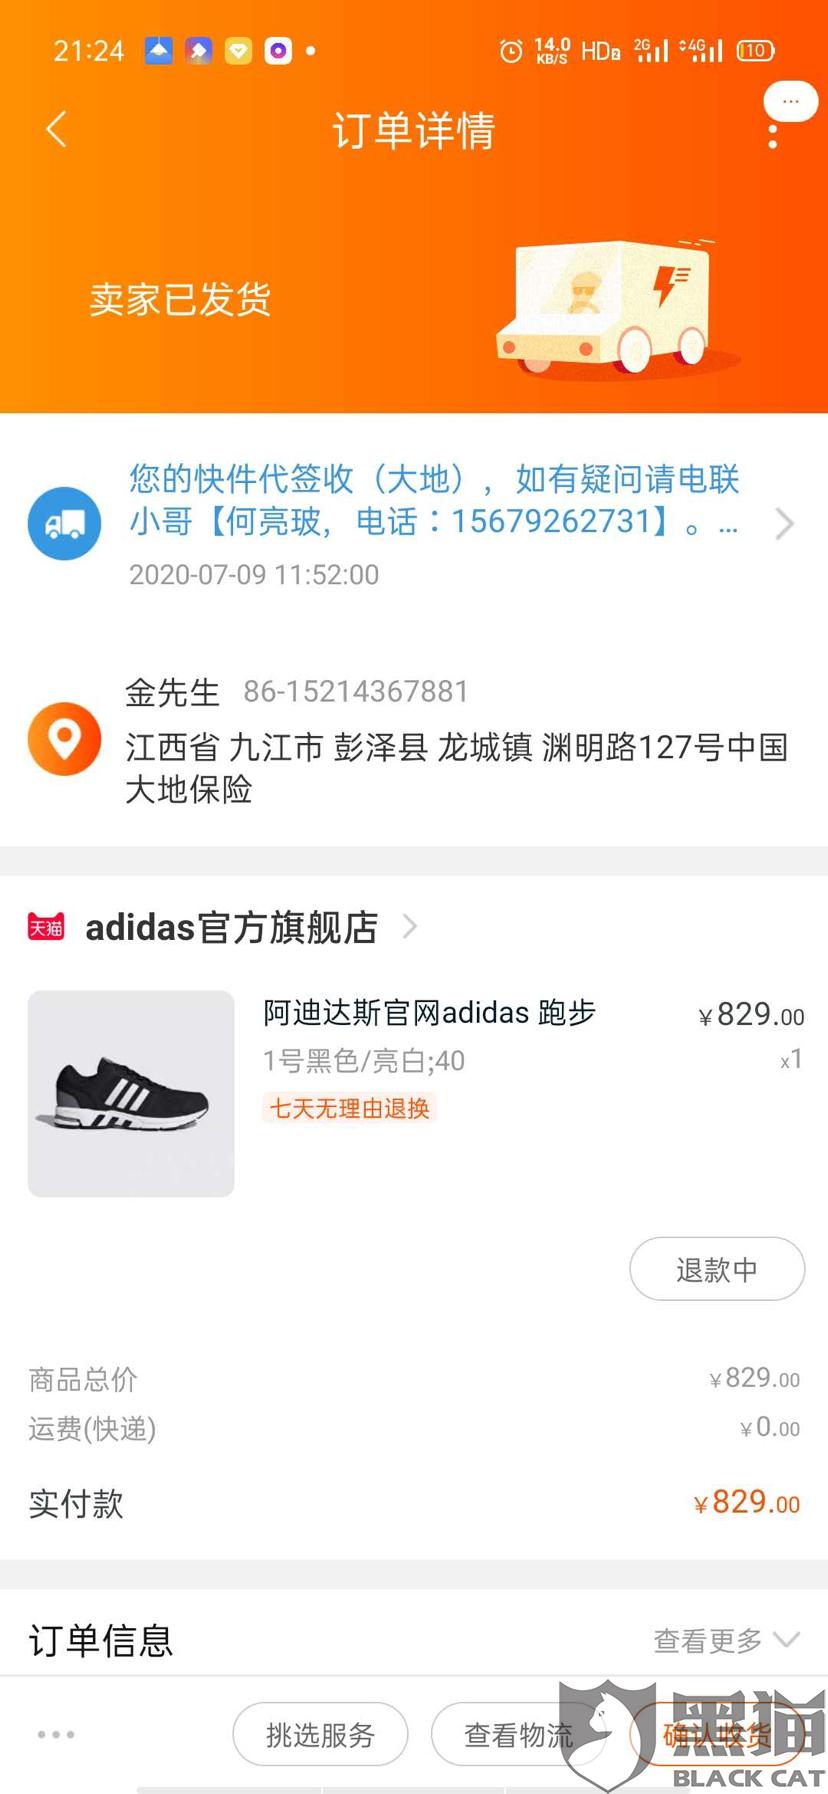 黑猫投诉:adidas官方旗舰店下单相差一天,价格相差353元